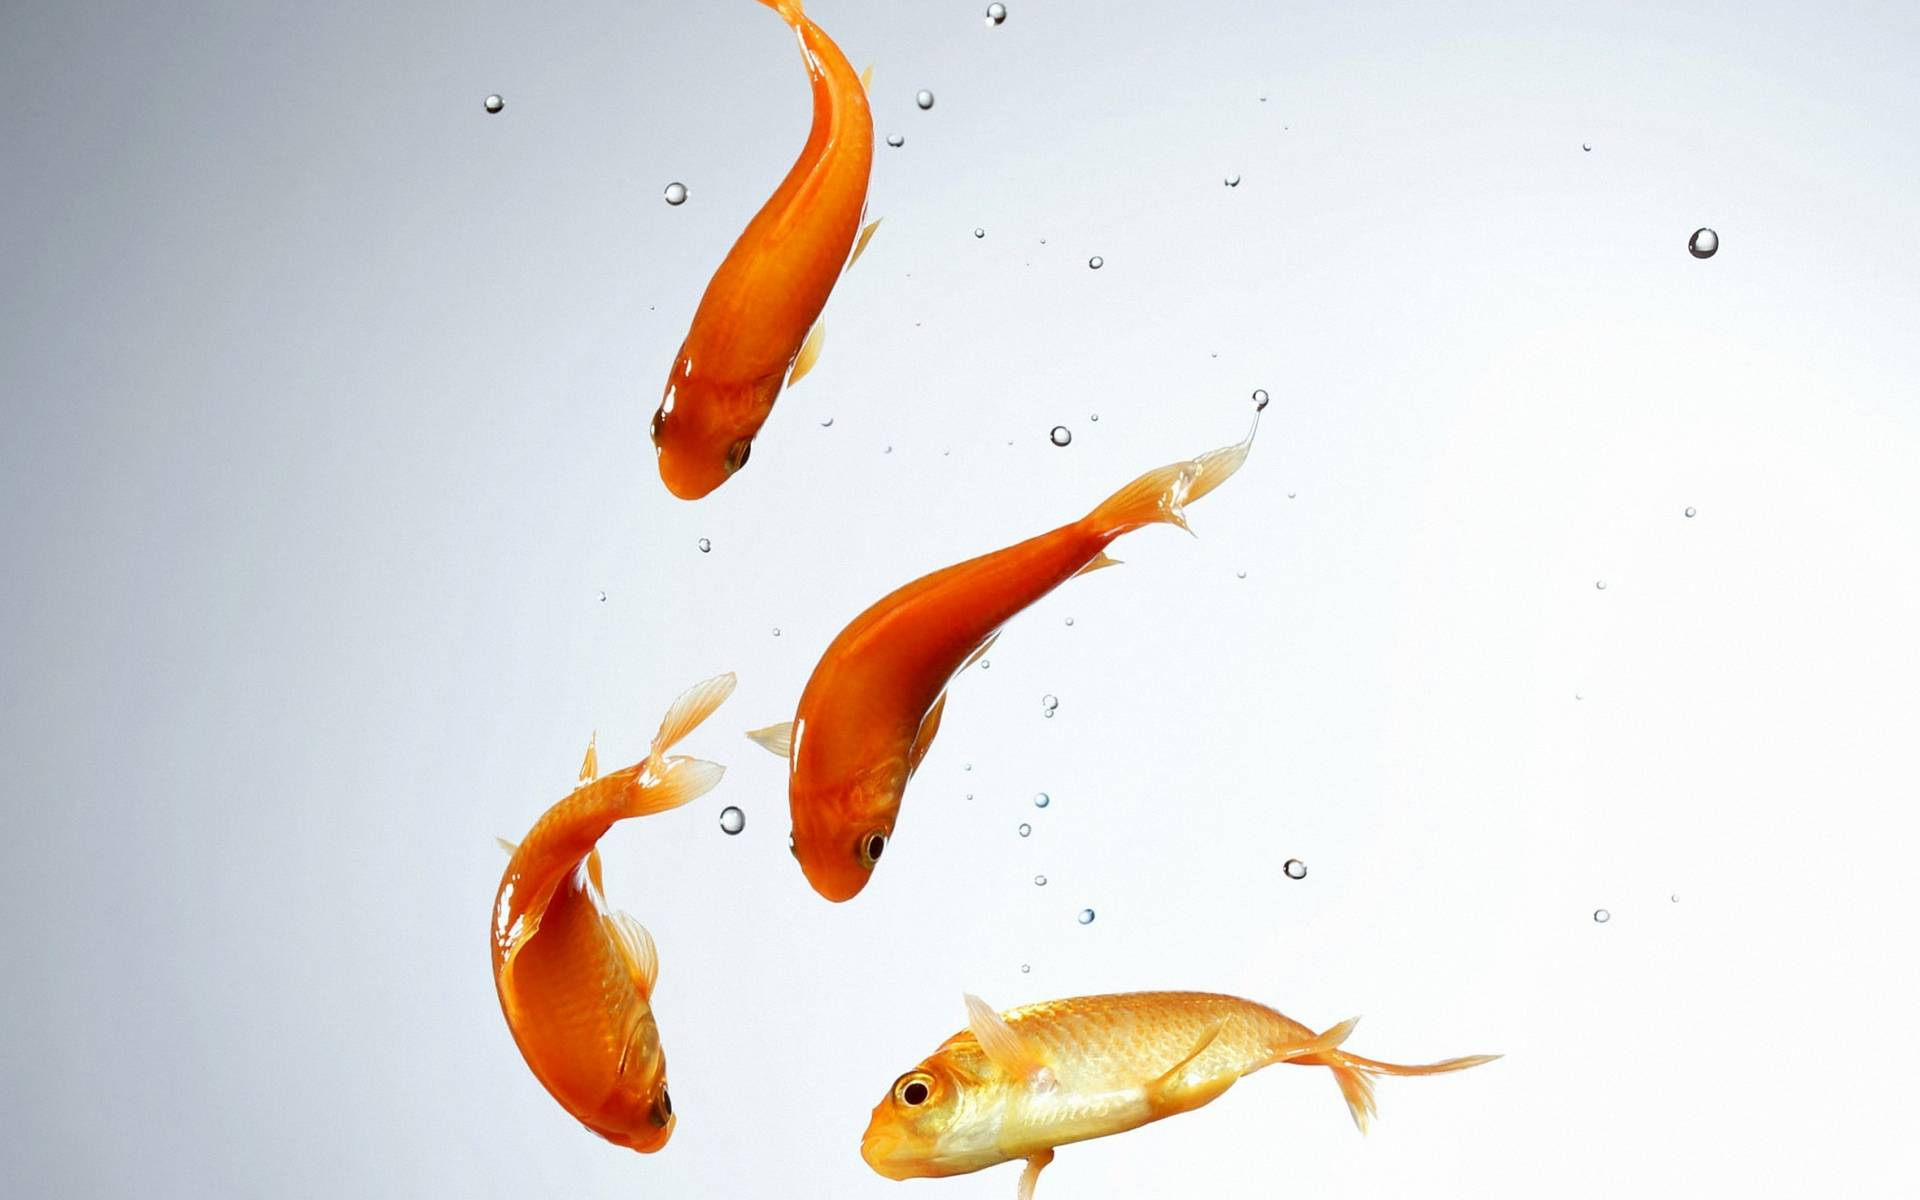 обои рыбки, оранжевые, плавники, хвосты картинки фото